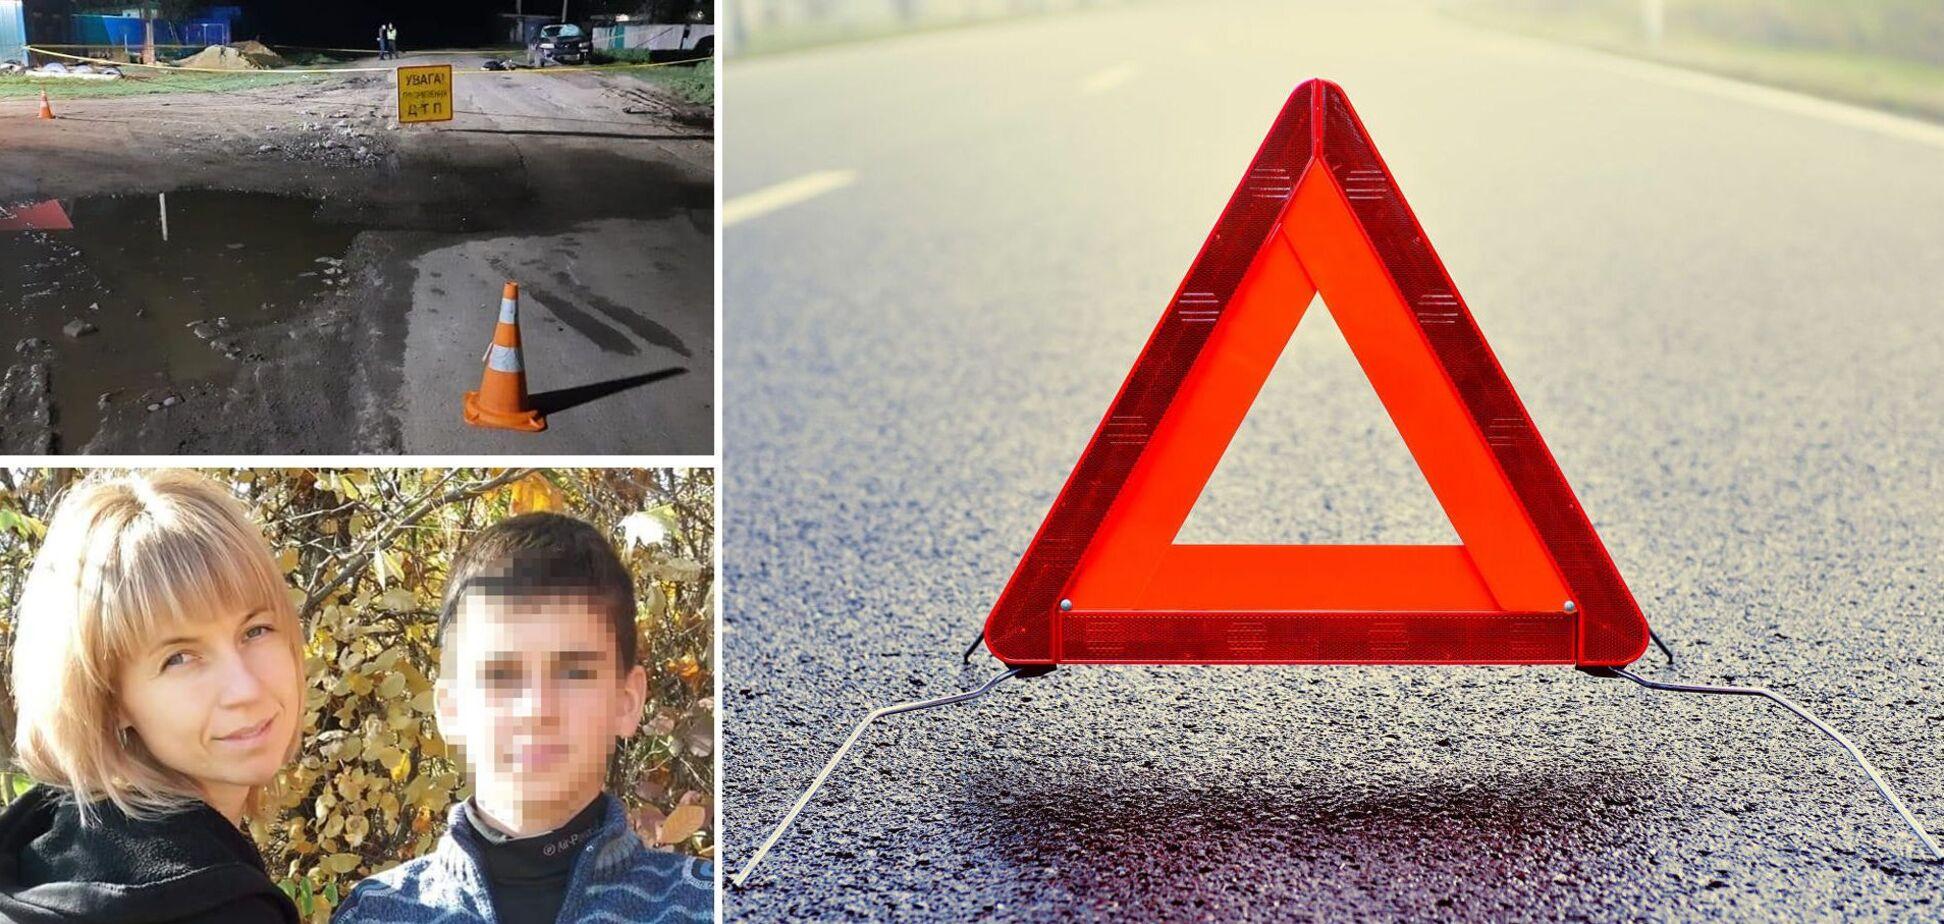 Влетел в четверых детей, был очень пьян: новые подробности смертельного ДТП на Луганщине